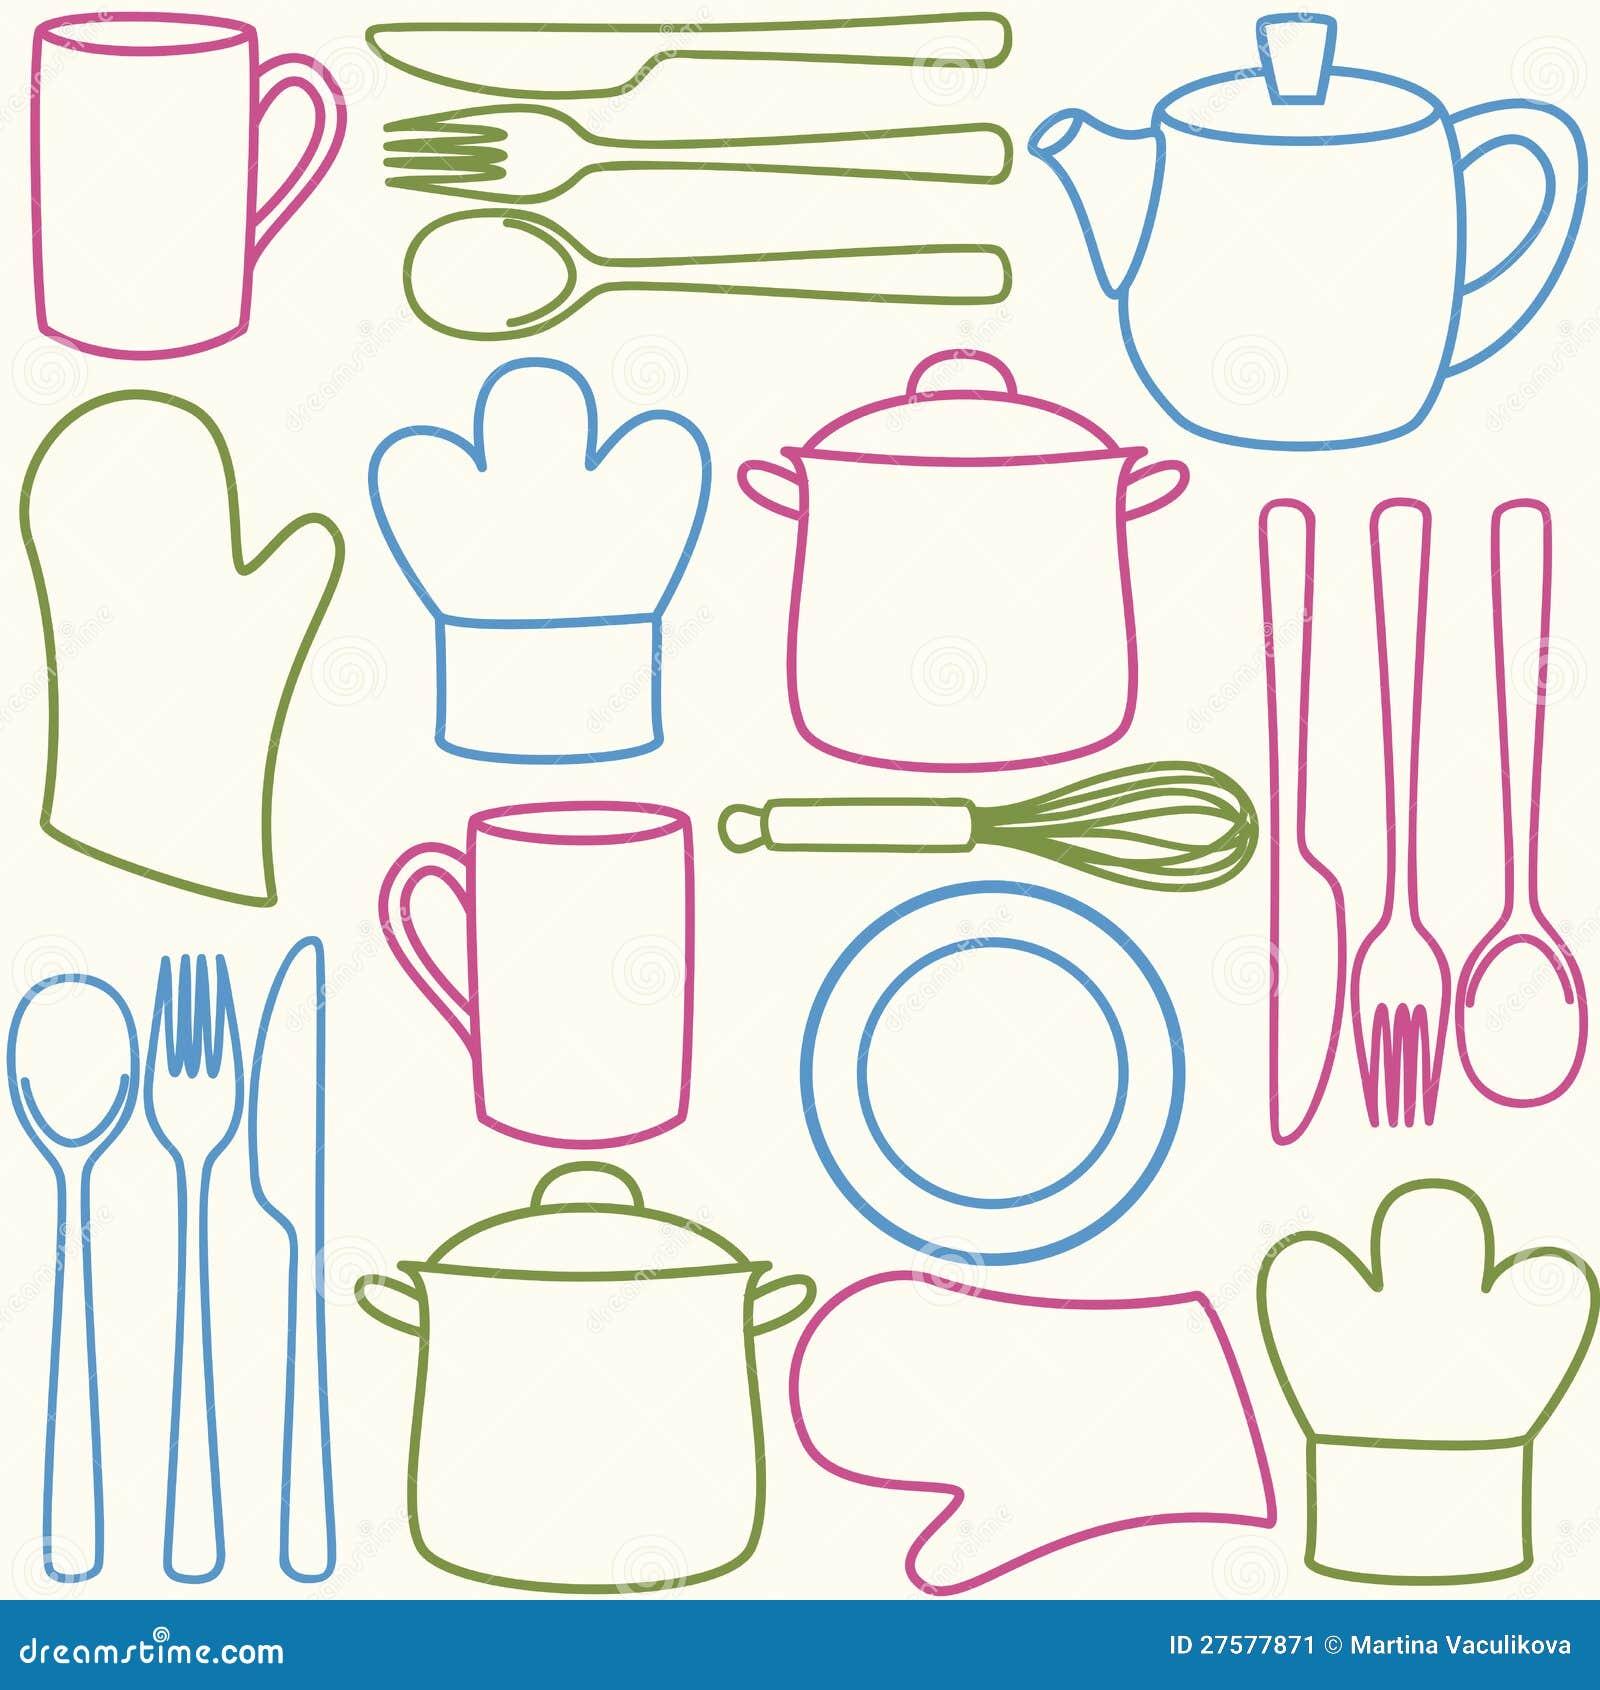 thumbs.dreamstime.com/z/ustensiles-de-cuisine-configuration-sans-joint-27577871